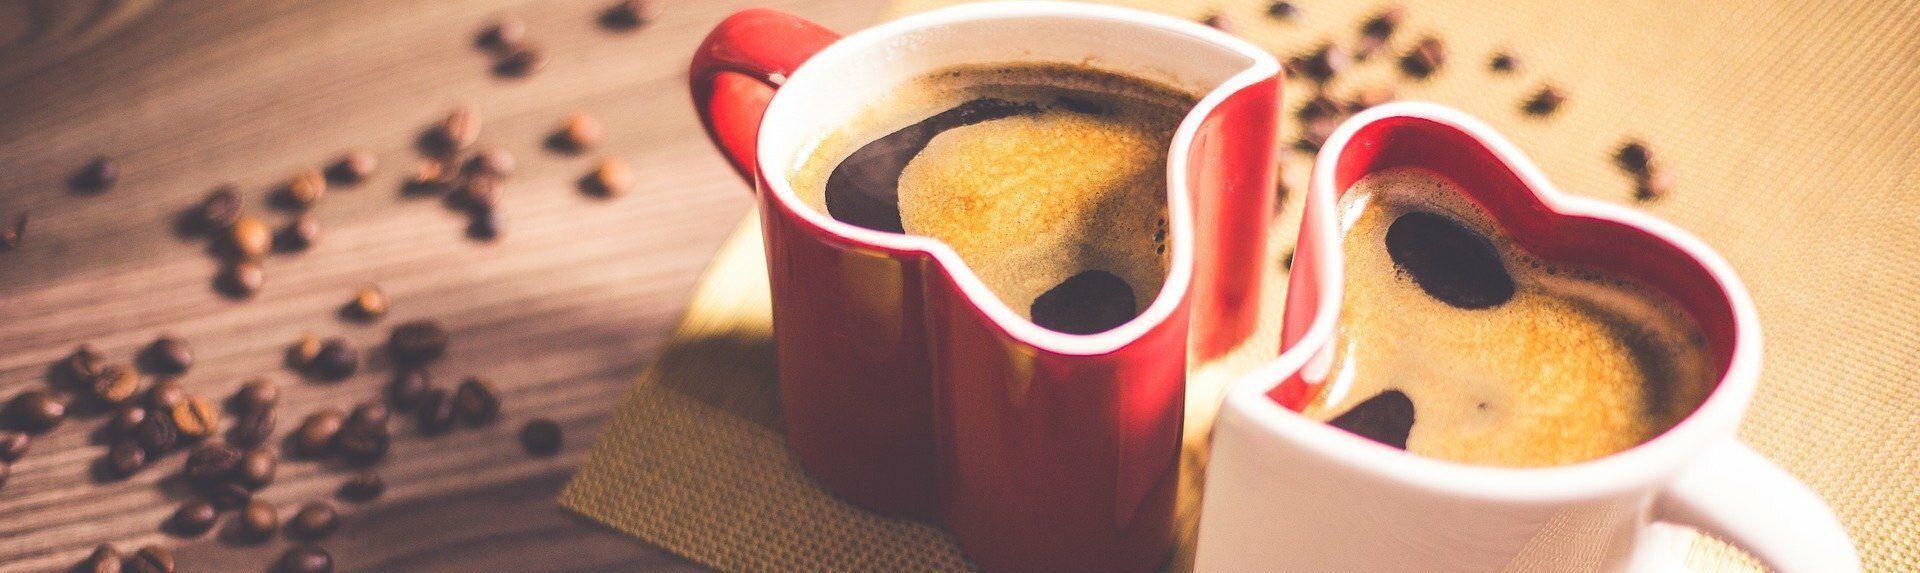 Кофе и менопауза